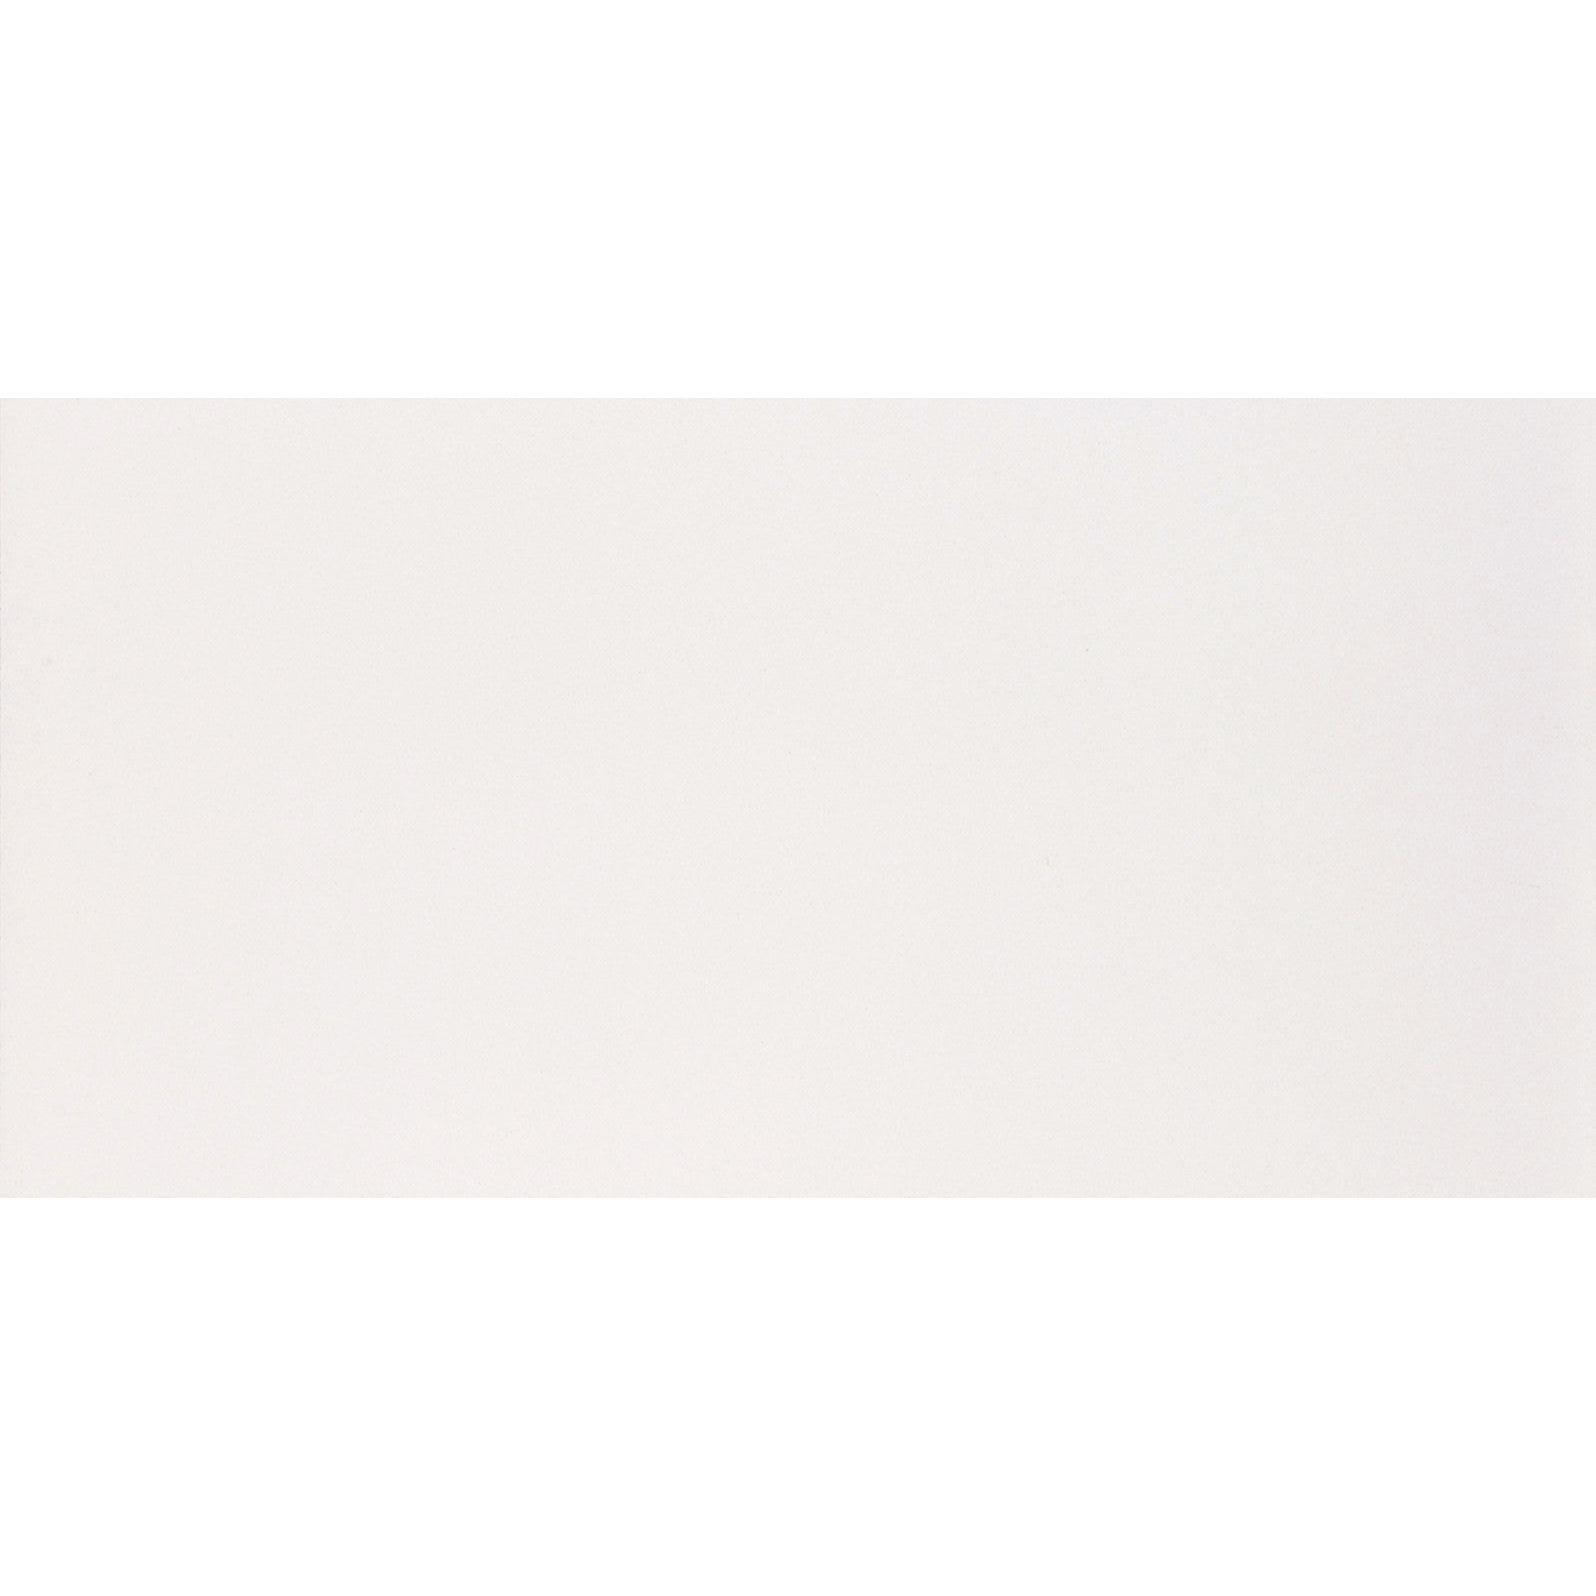 Revestimento Classico Branco Brilhante HD Tipo A Borda Bold 30x60cm 237m Cinza Claro - Pointer